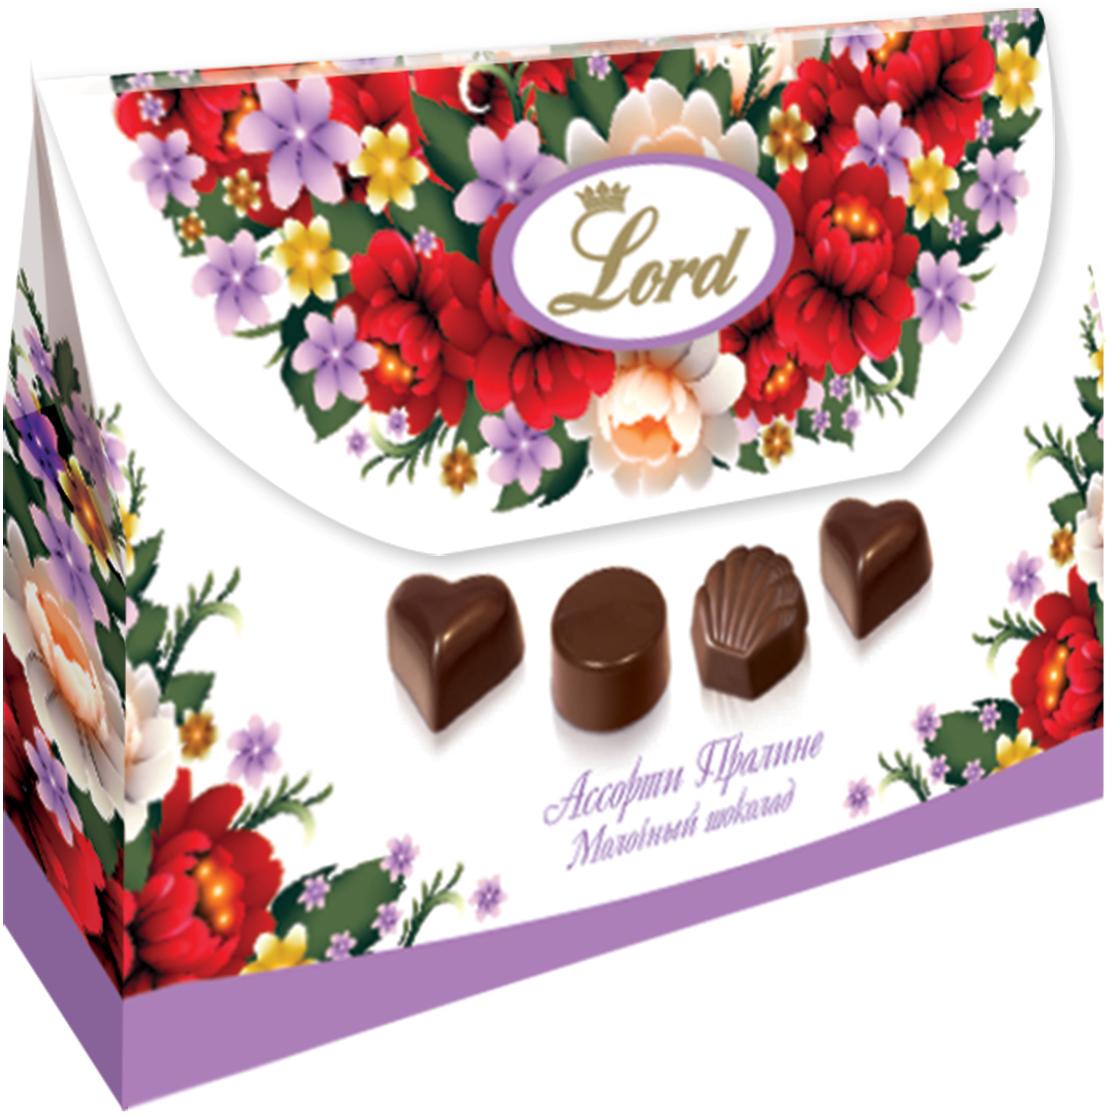 Lord Сумочка с цветами шоколадные конфеты с начинкой, 85 г lord ассорти шоколадных конфет с начинкой 250 г